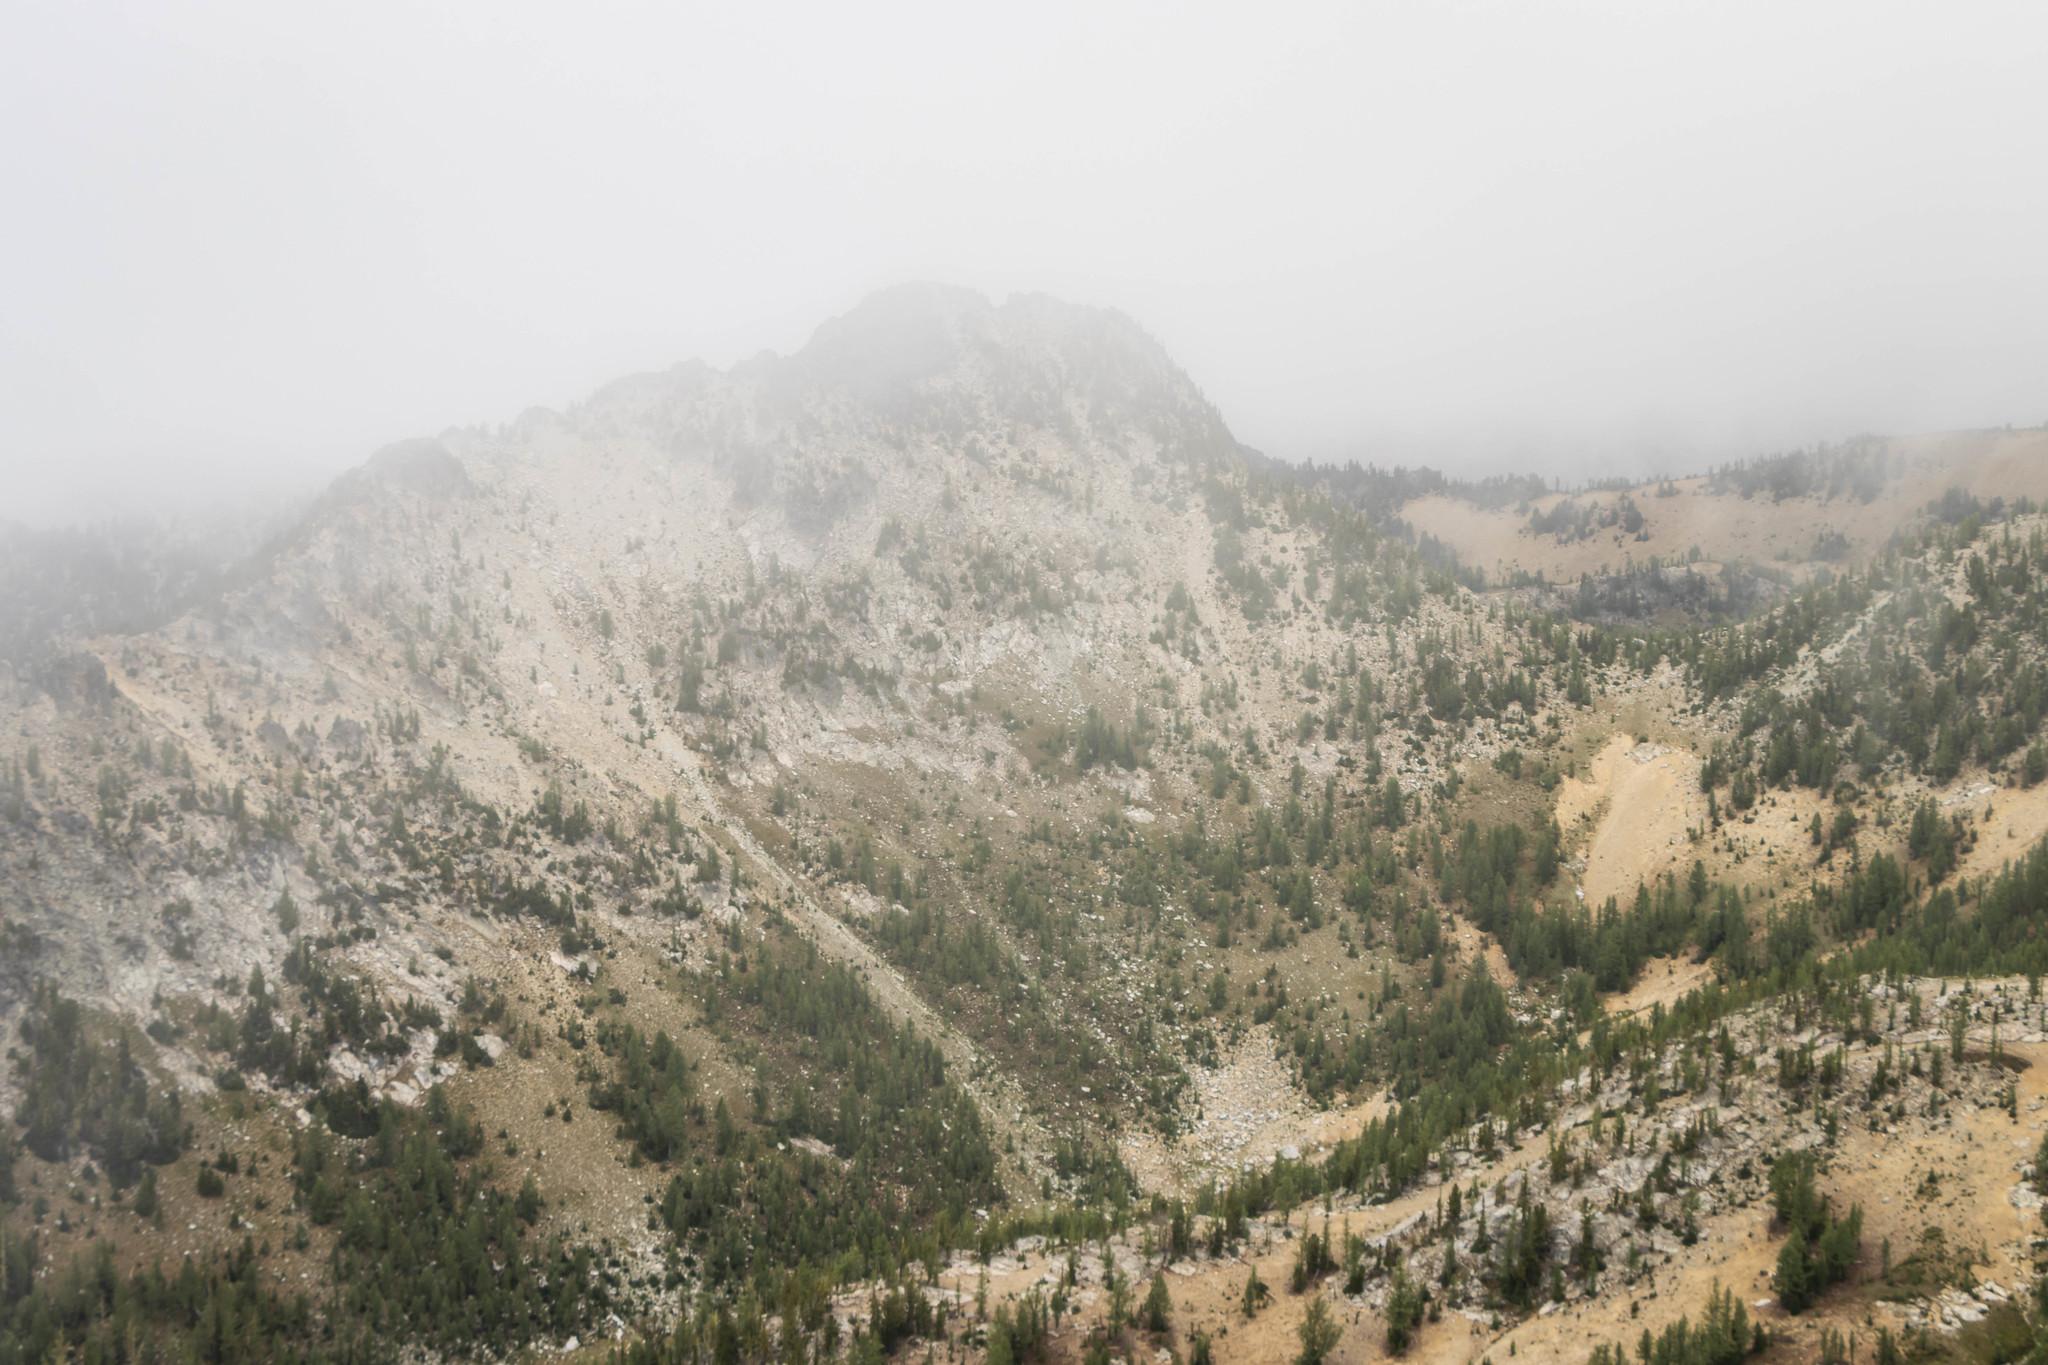 Choral Peak